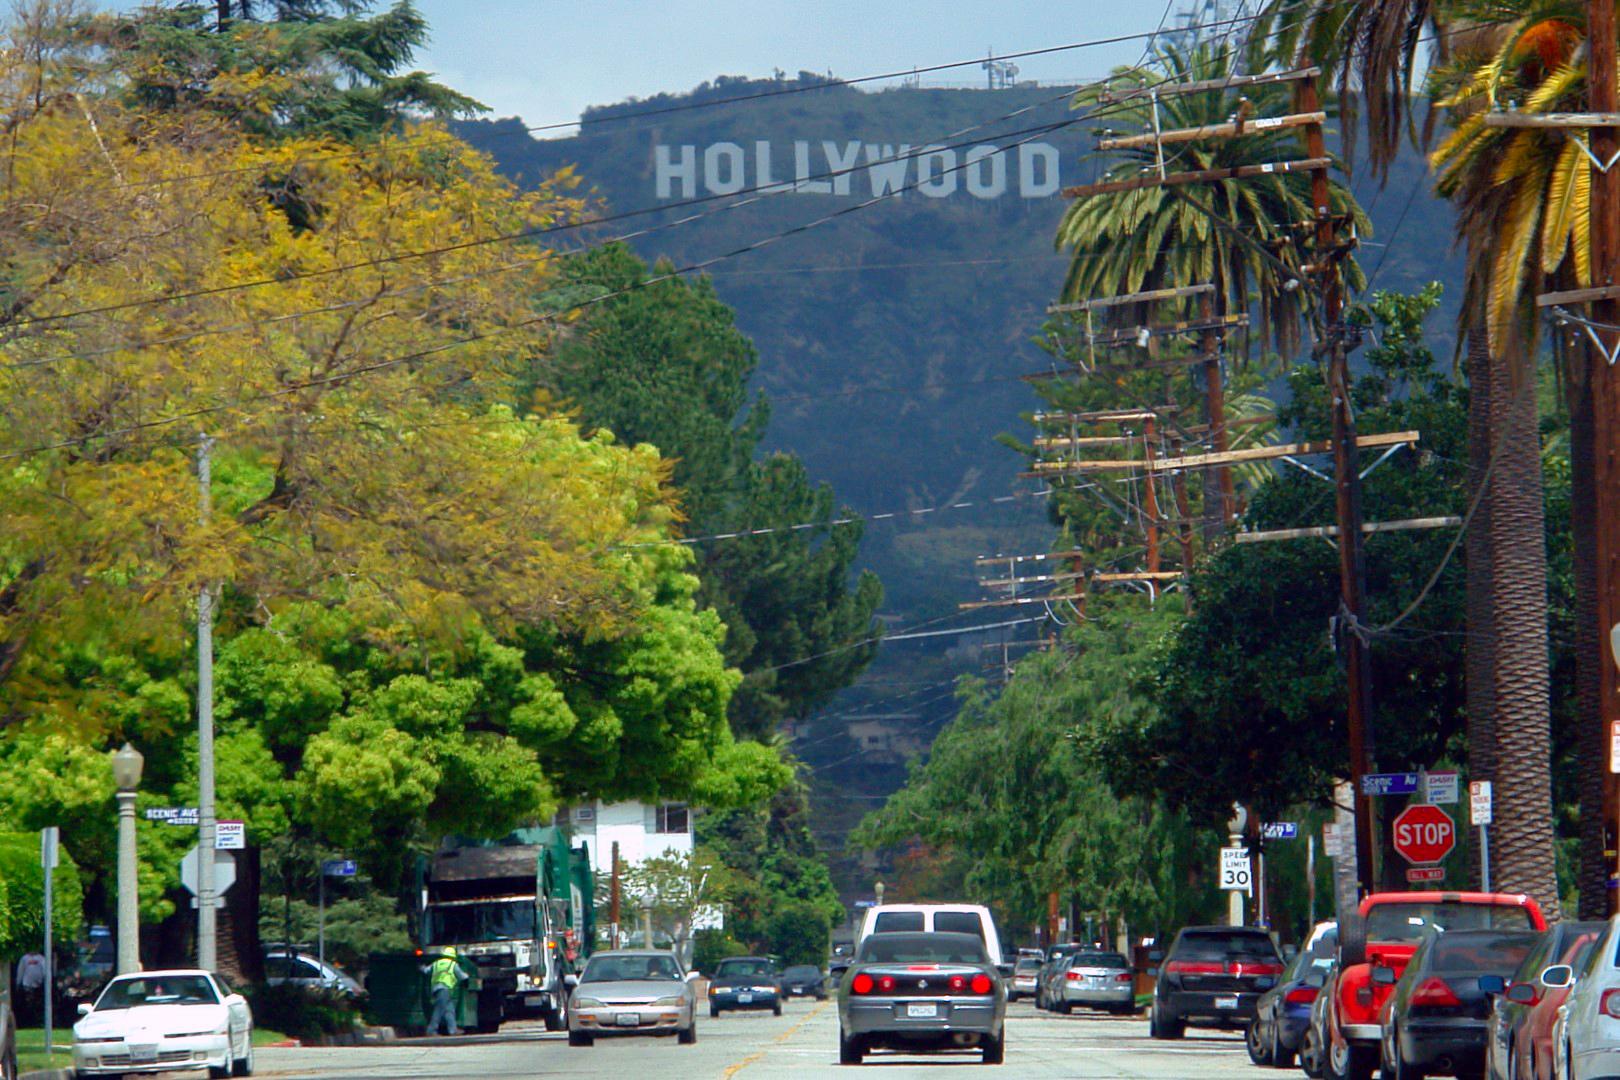 Qué hacer y ver en Los Ángeles los angeles - 32749506046 f28b4e7736 o - Qué hacer y ver en Los Angeles